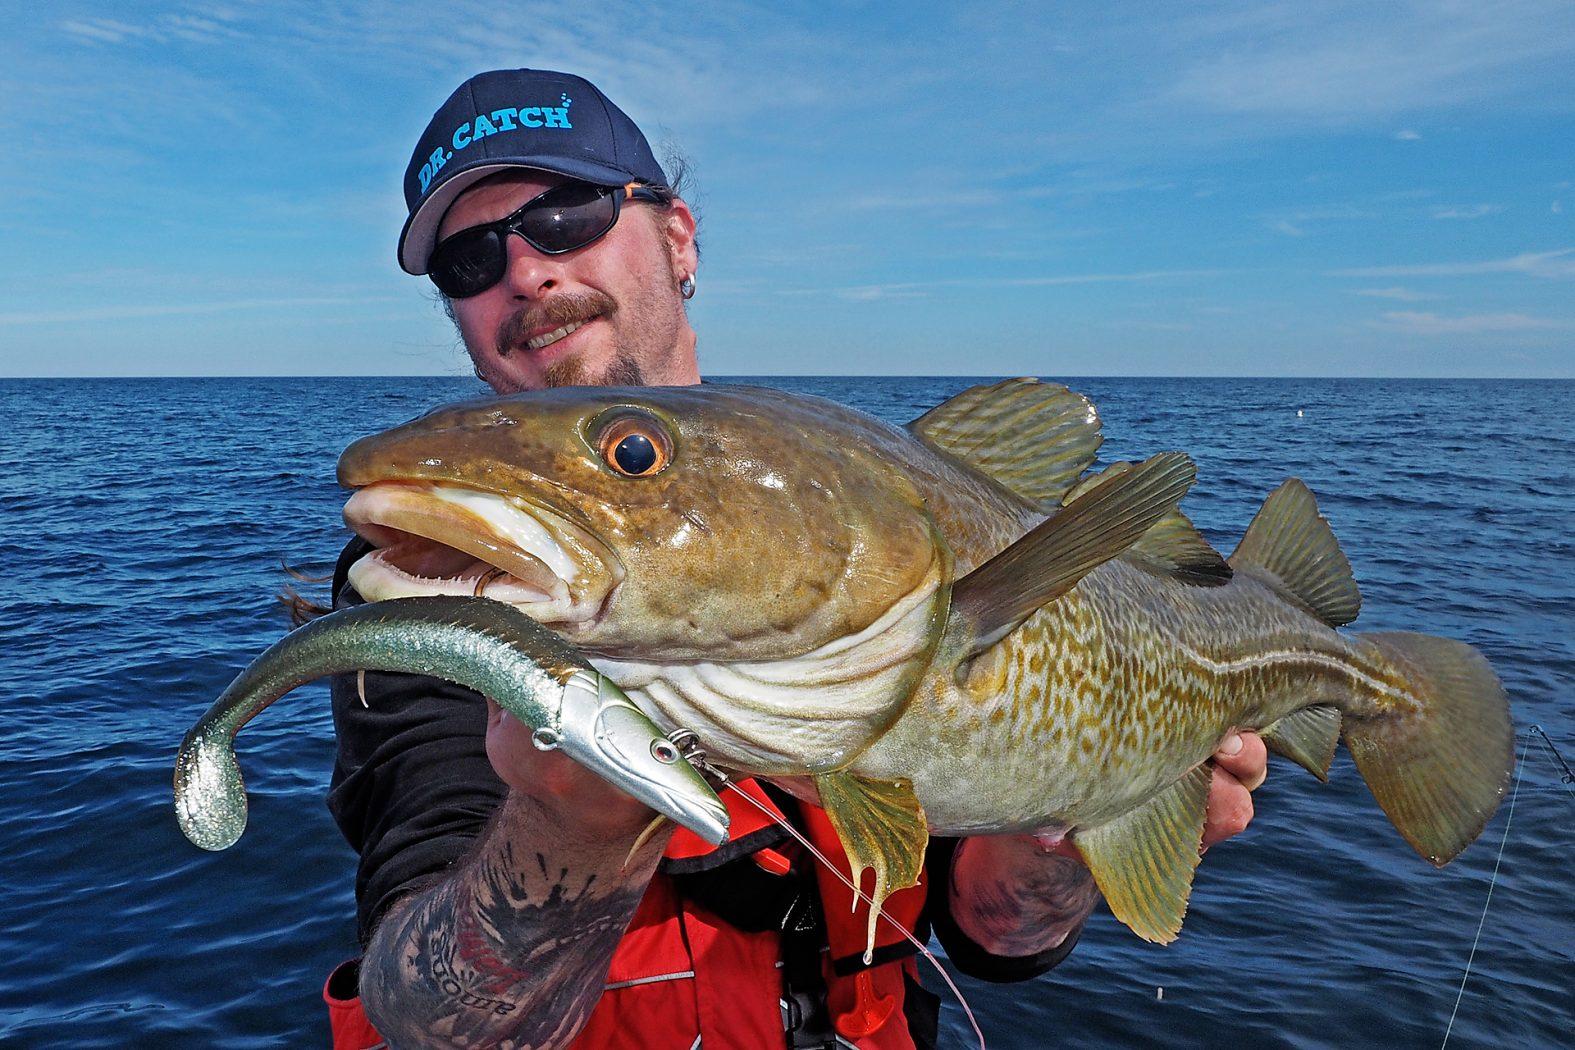 Dorsche angeln Mittelnorwegen